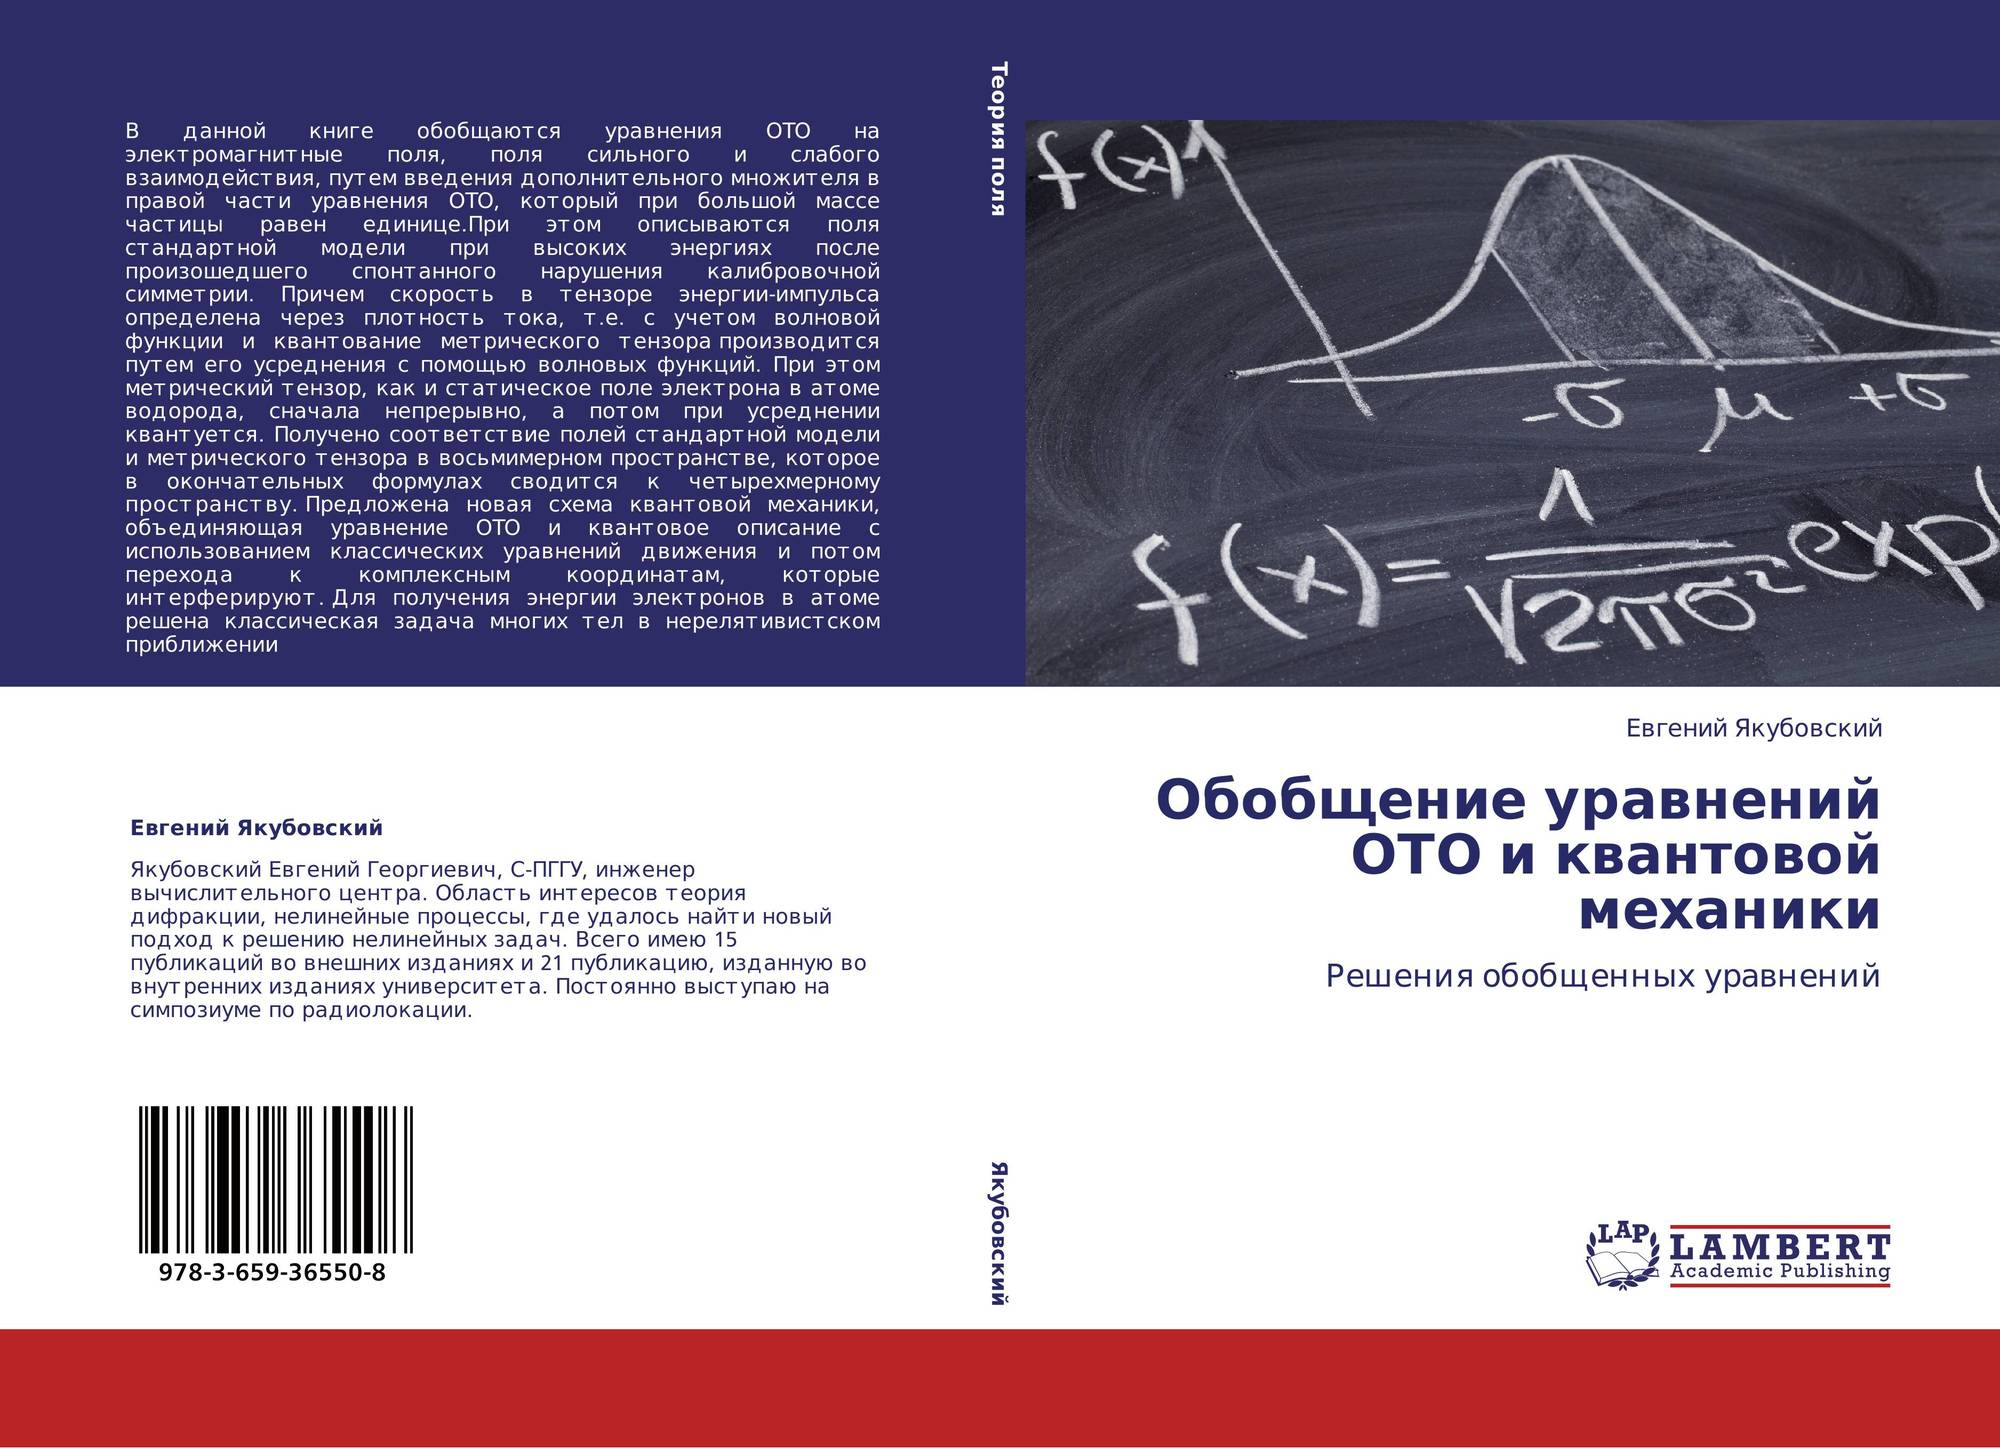 Задачи по квантовой механике (комплект из 2 книг)